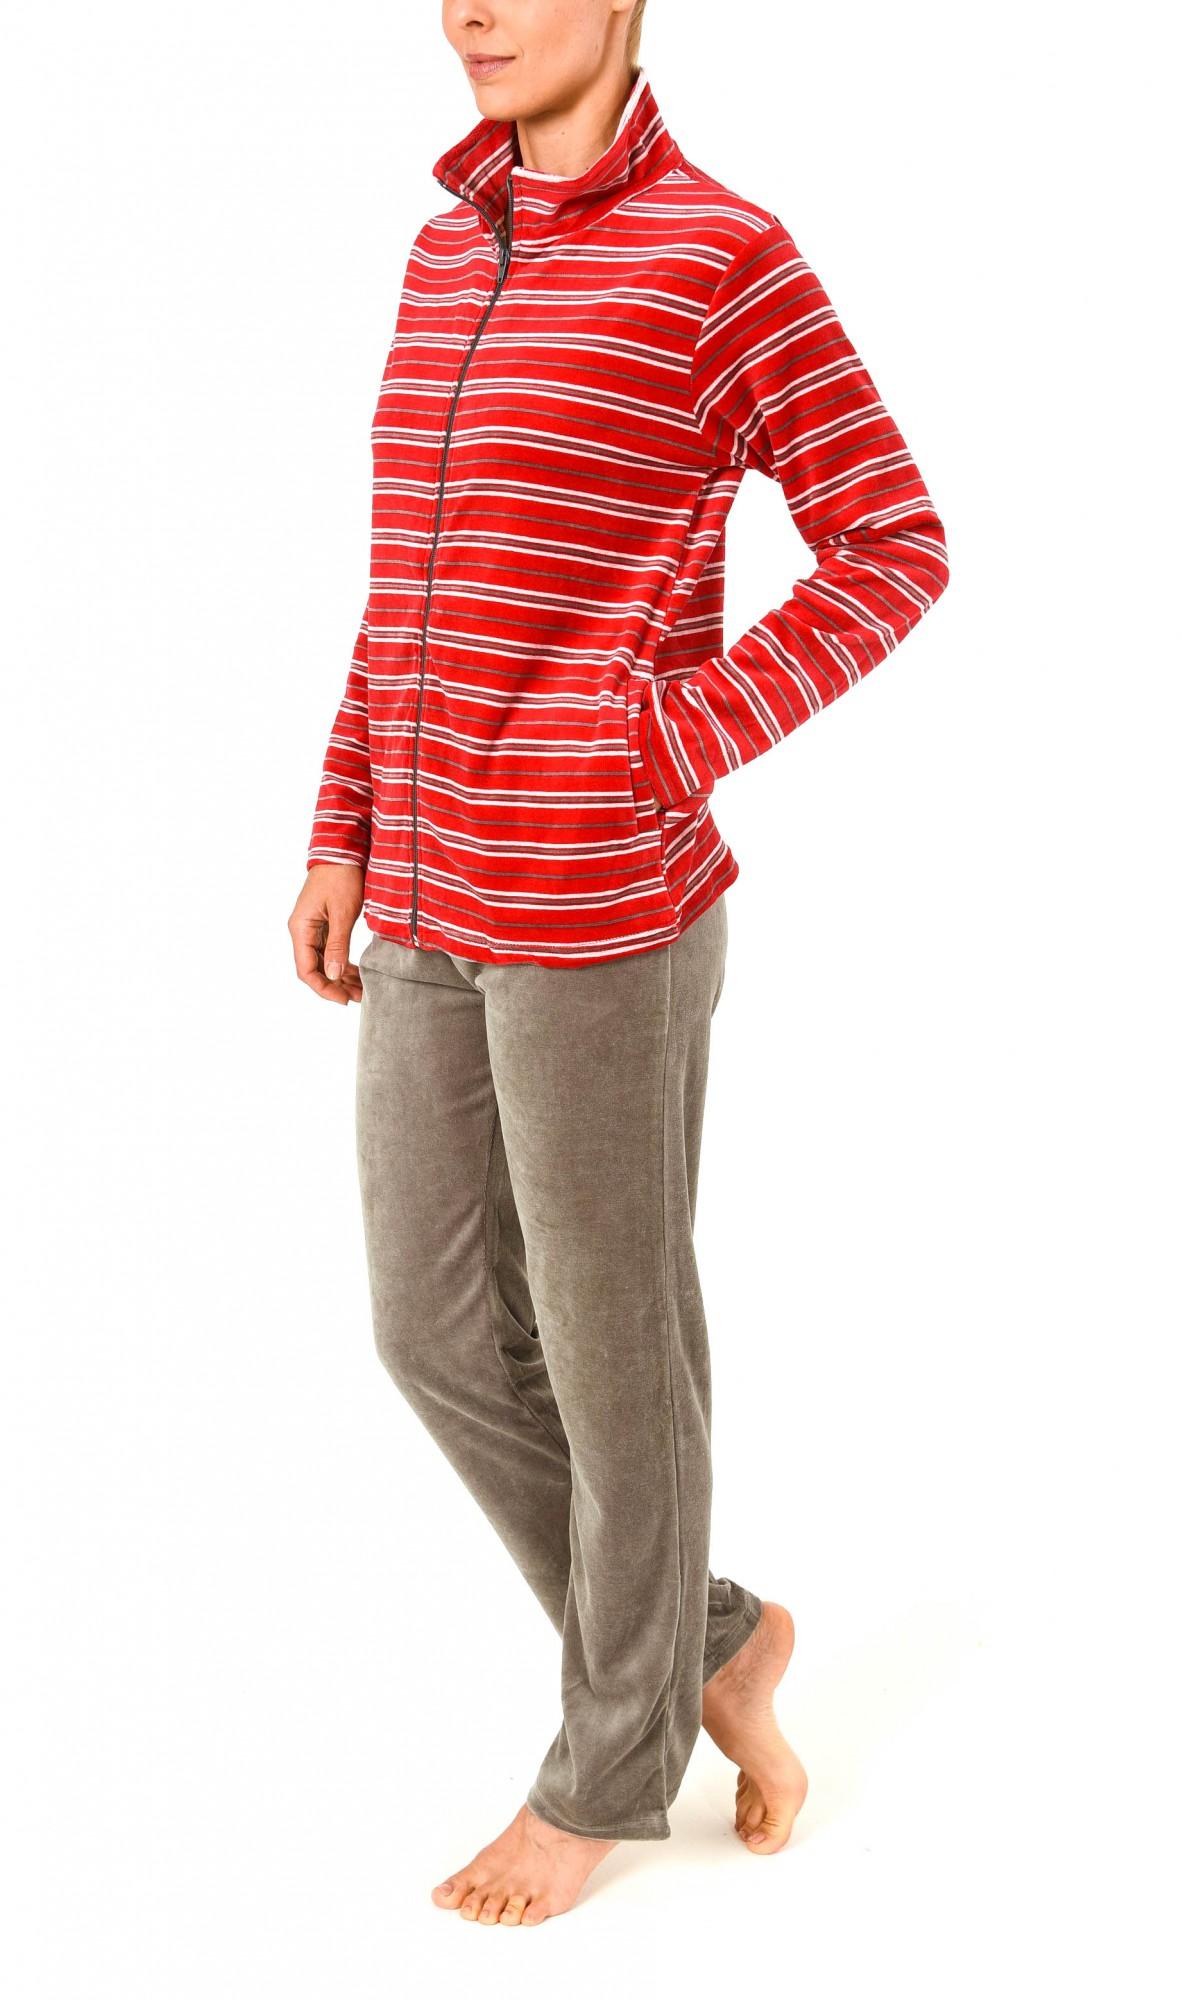 Damen Hausanzug  Homewear Nicky Velvet - 57669 – Bild 3